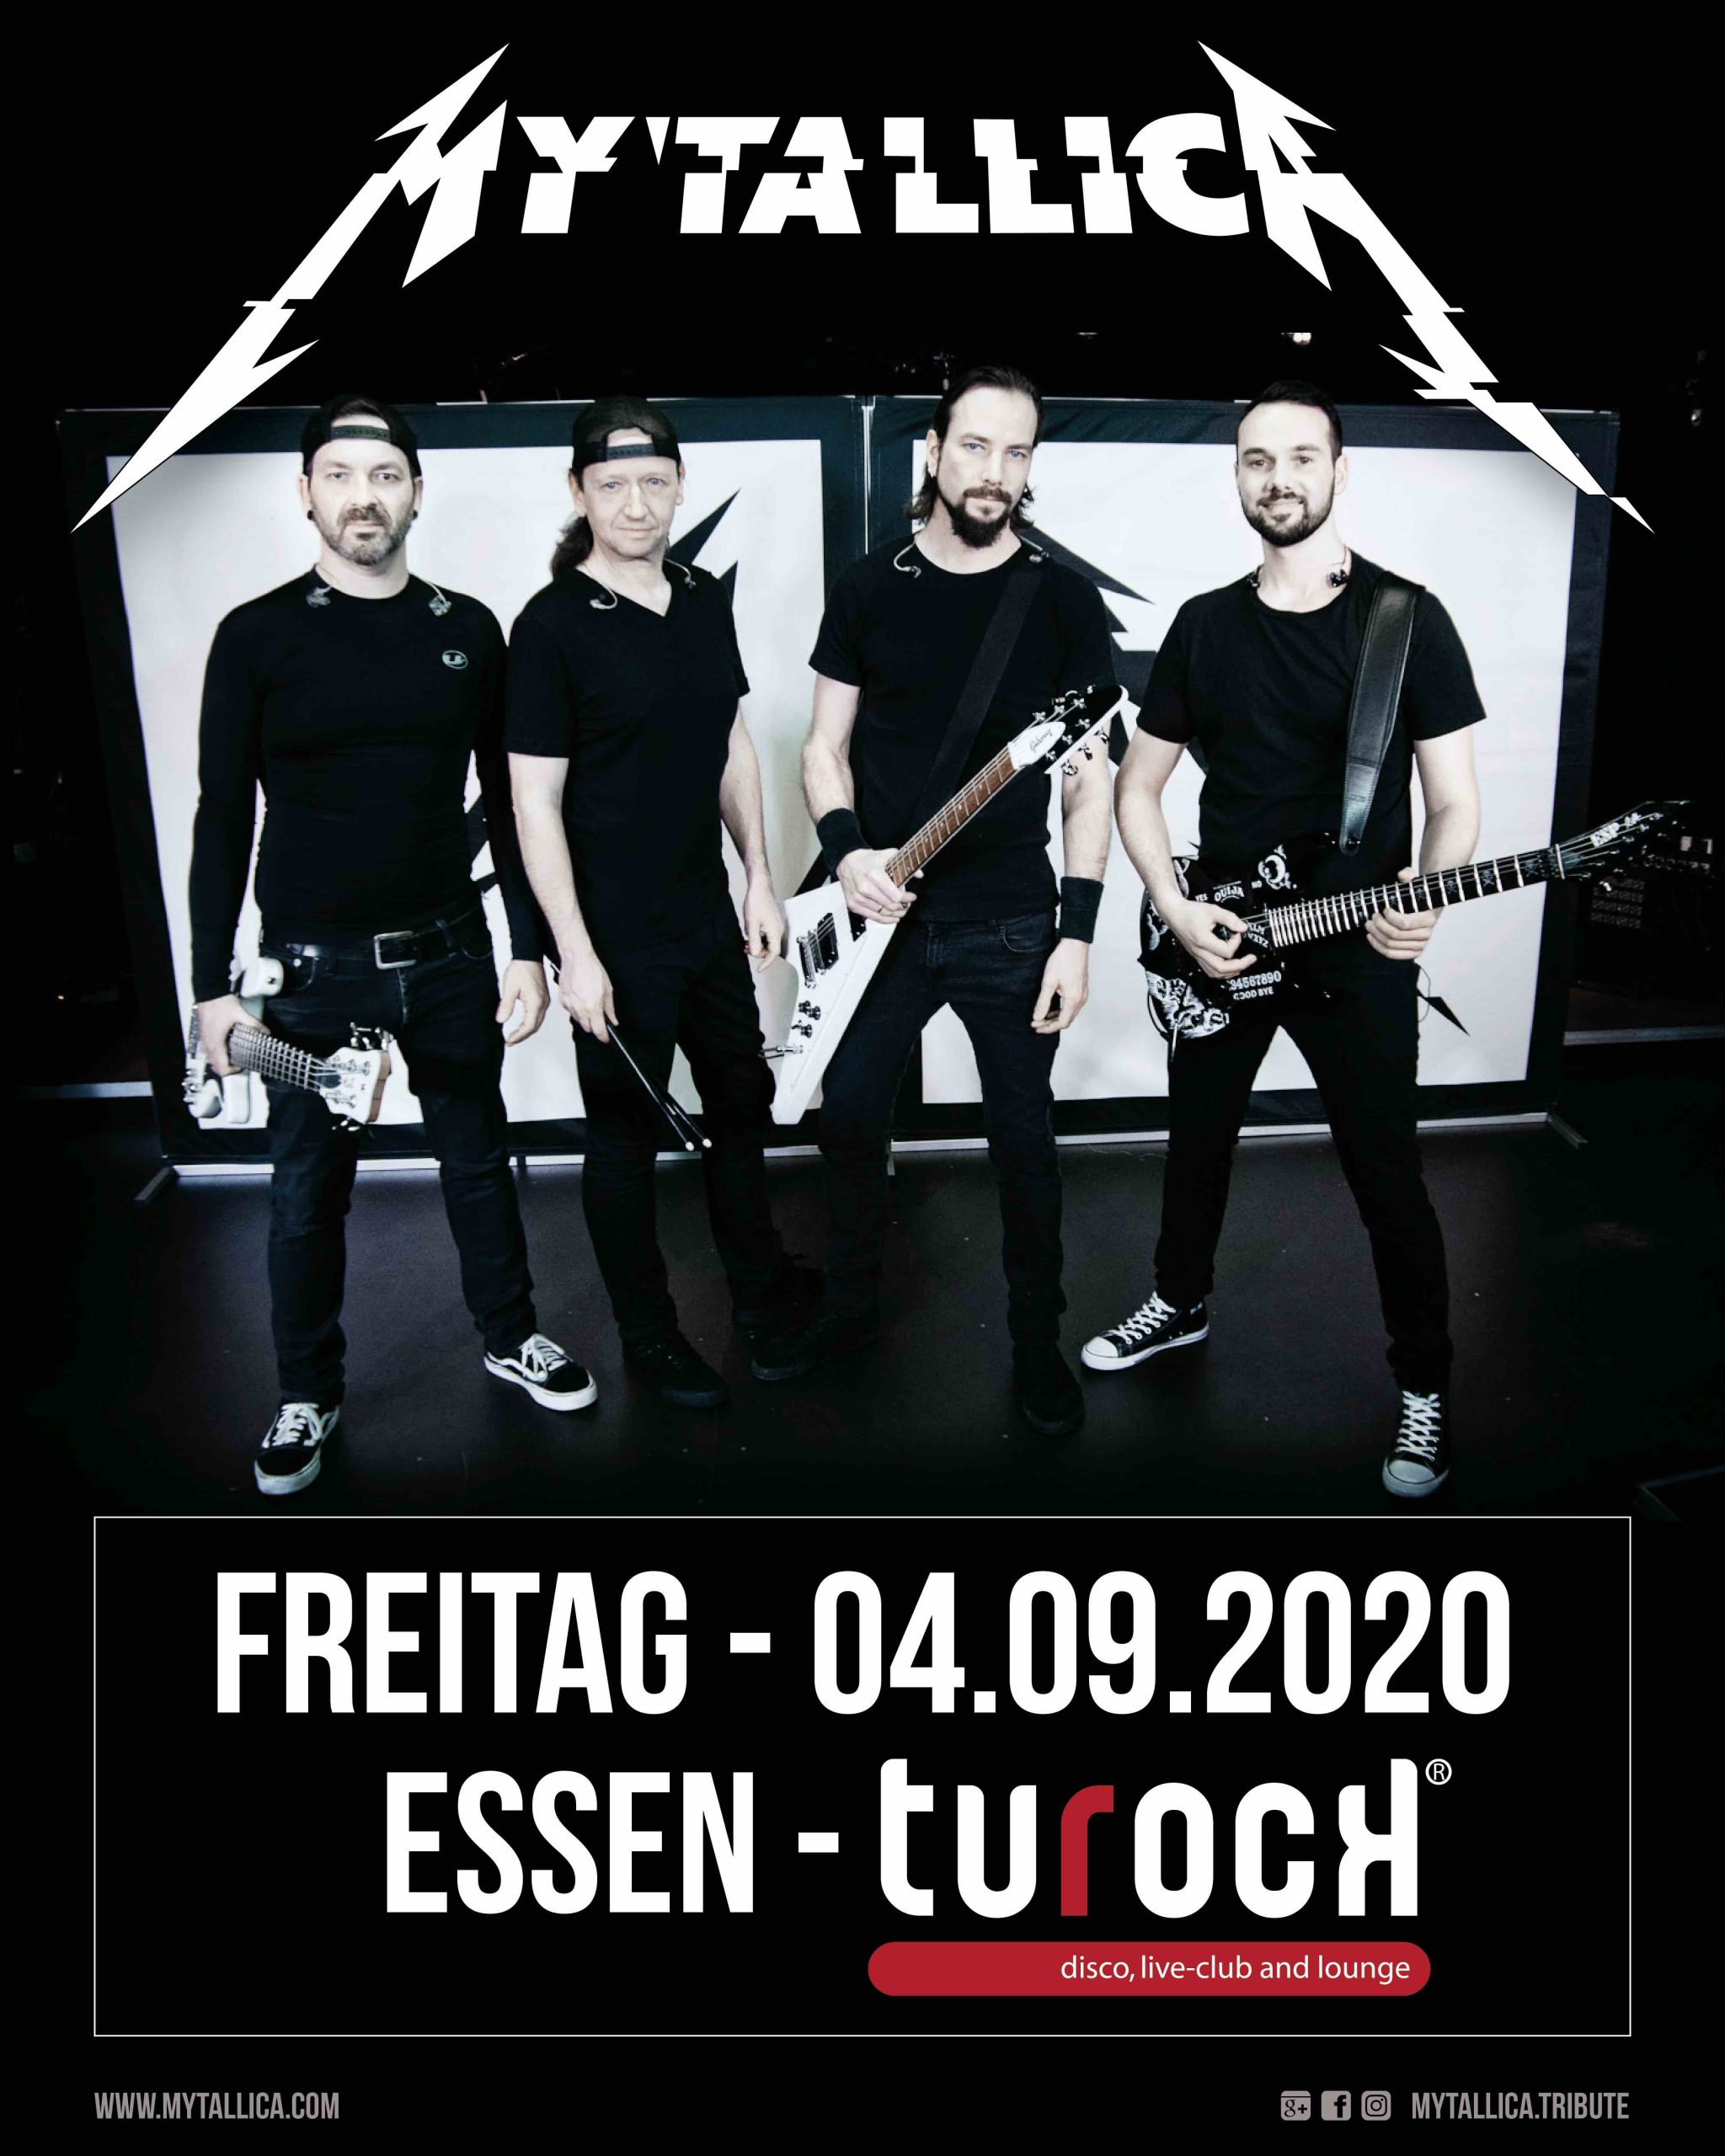 Metallica münchen 2020